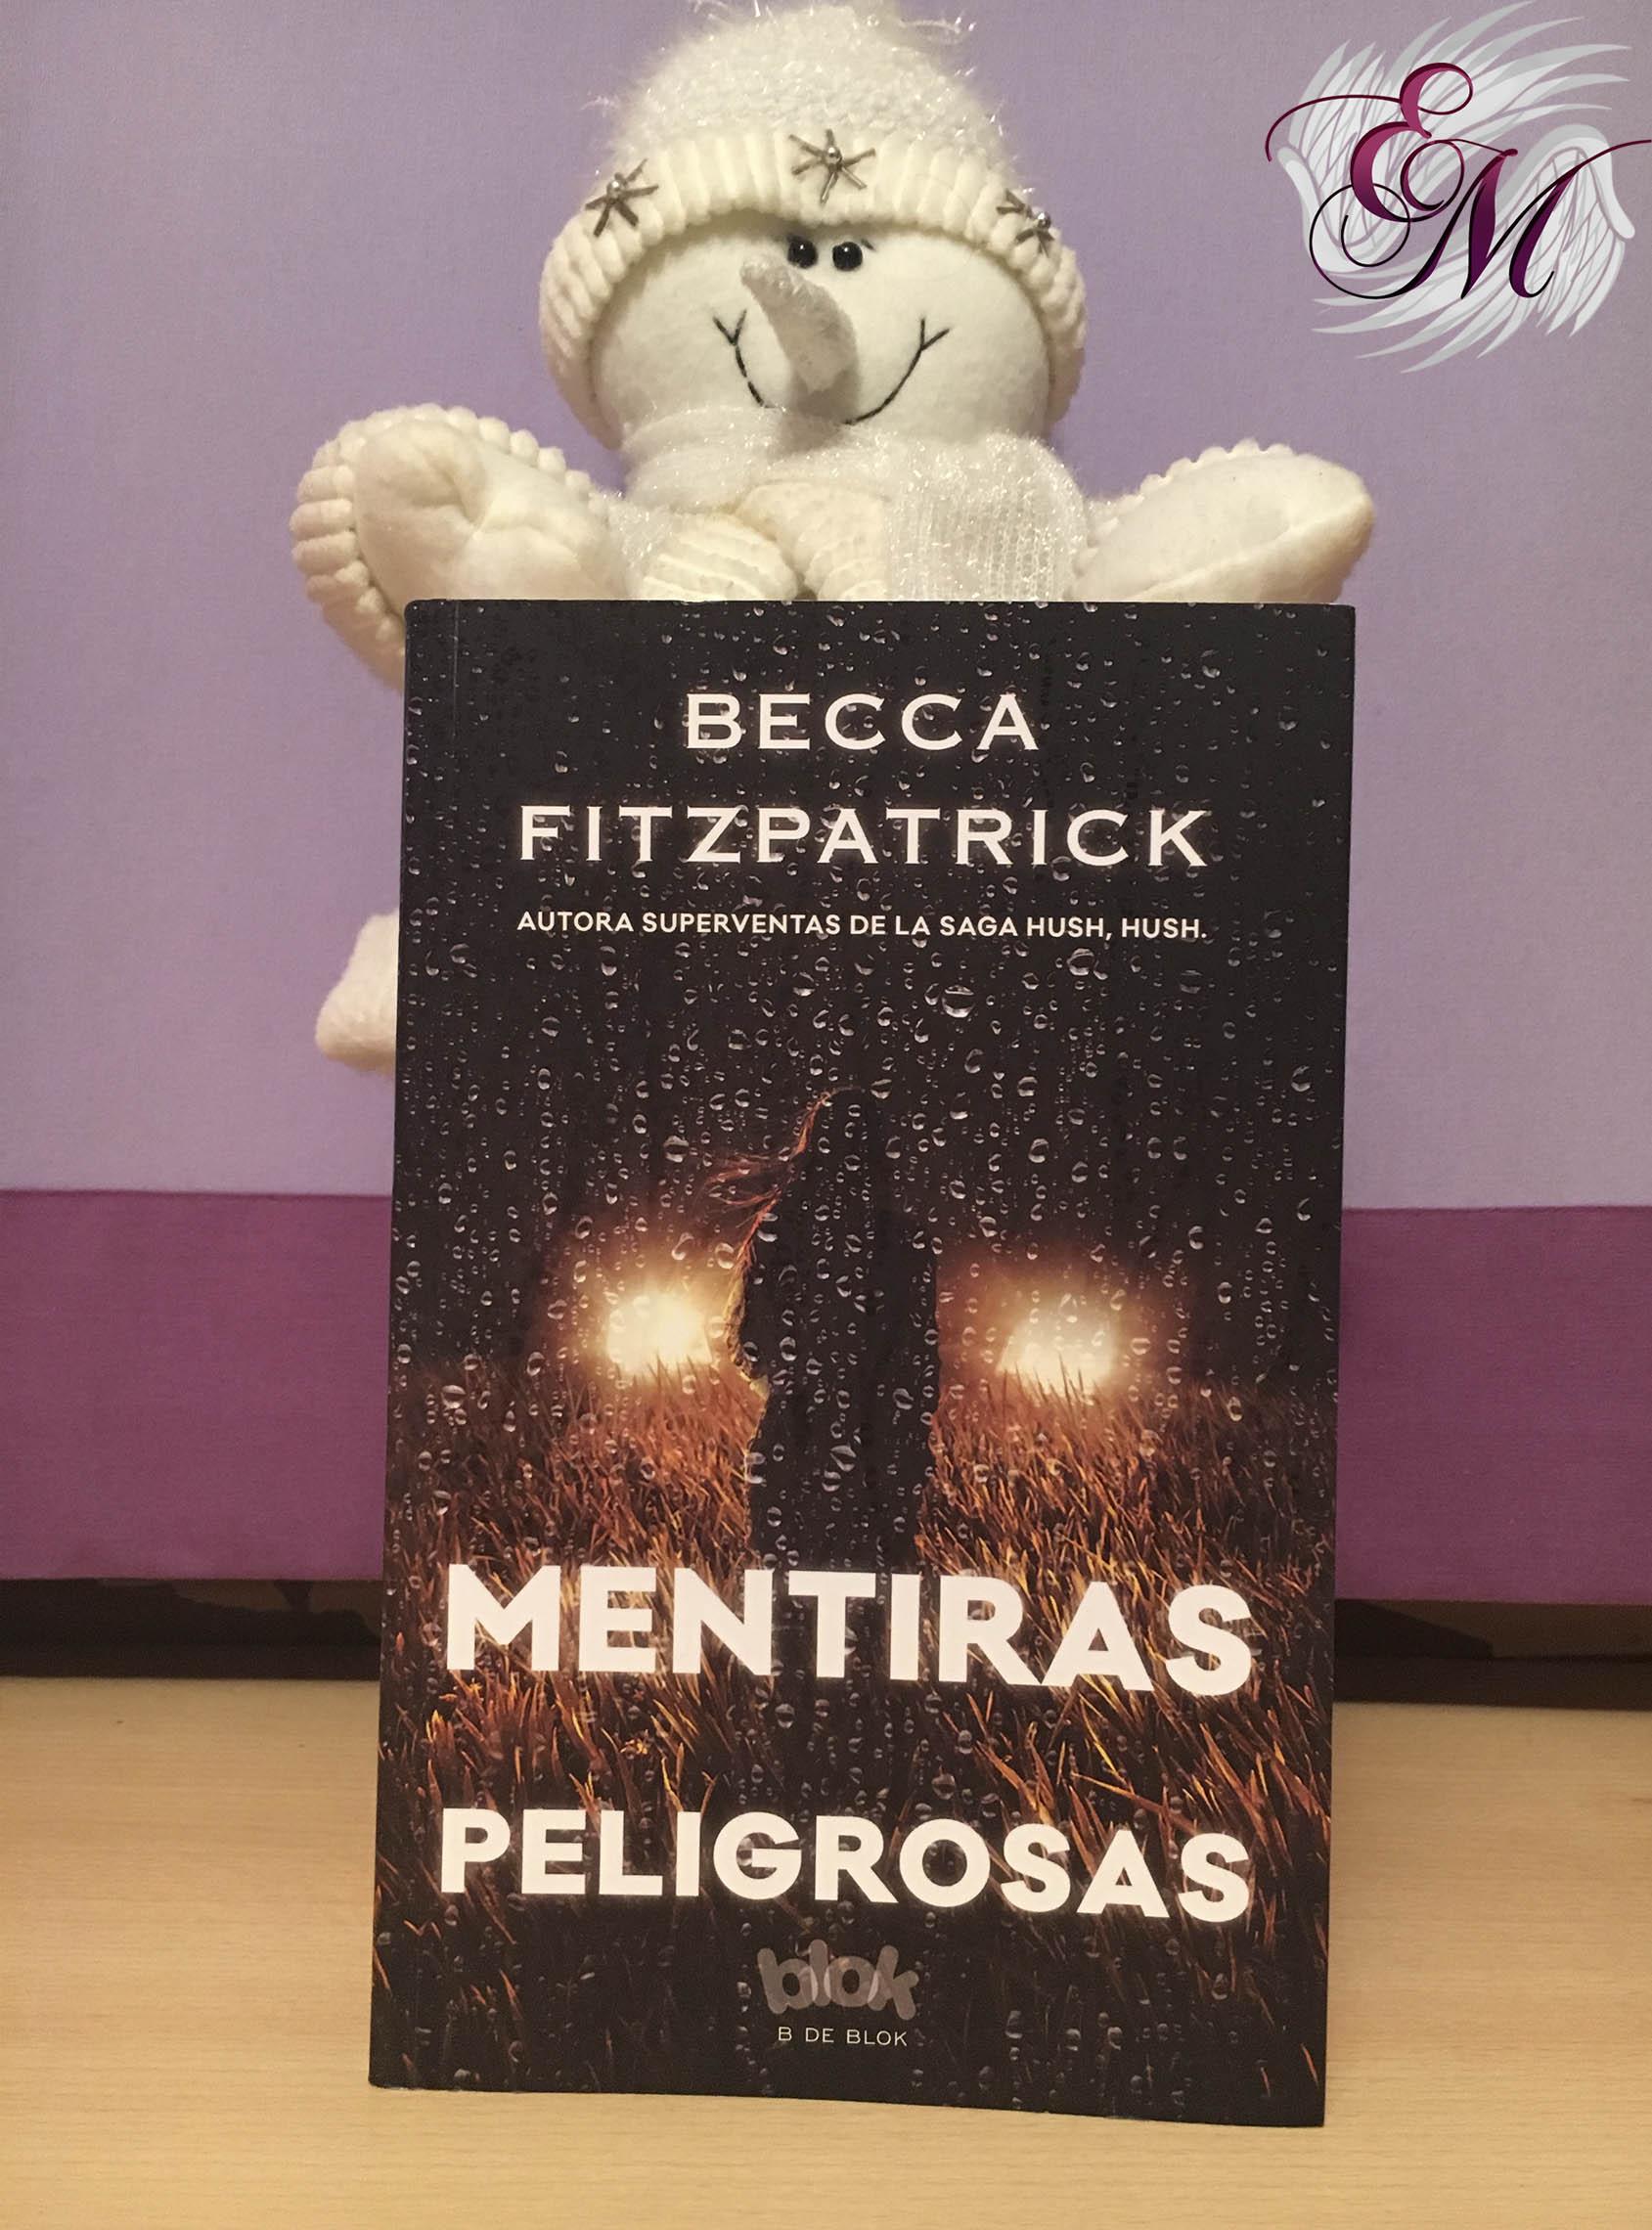 Mentiras peligrosas, de Becca Fitzpatrick - Reseña - portada